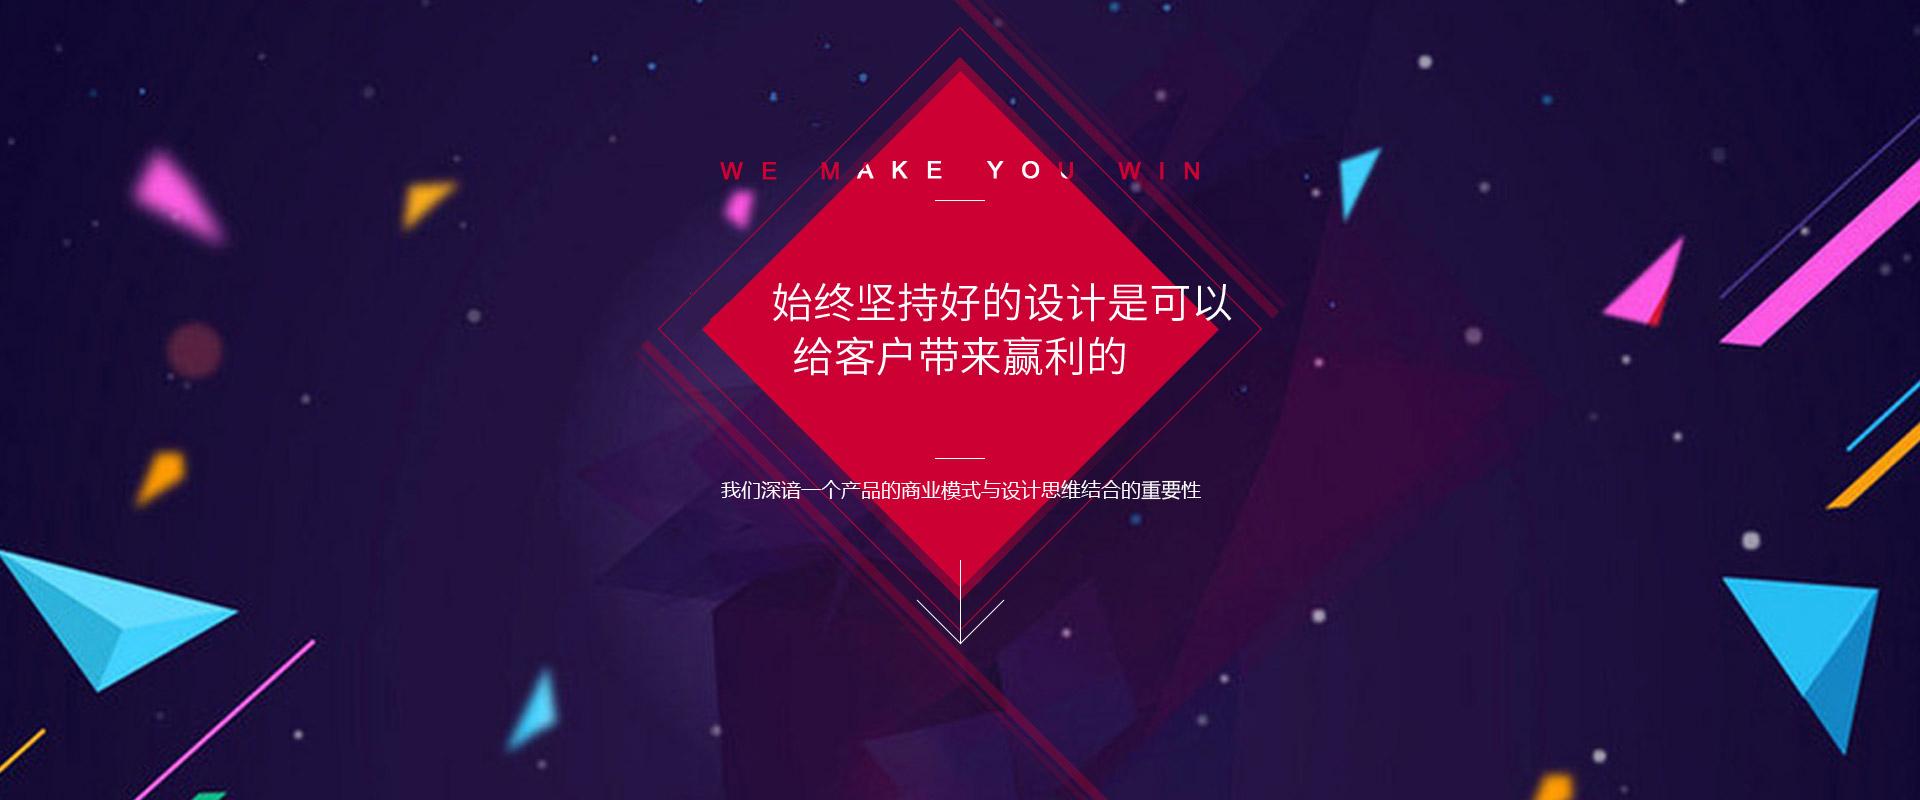 天润飞华高端网站建设公司是可以为客户带来至高服务